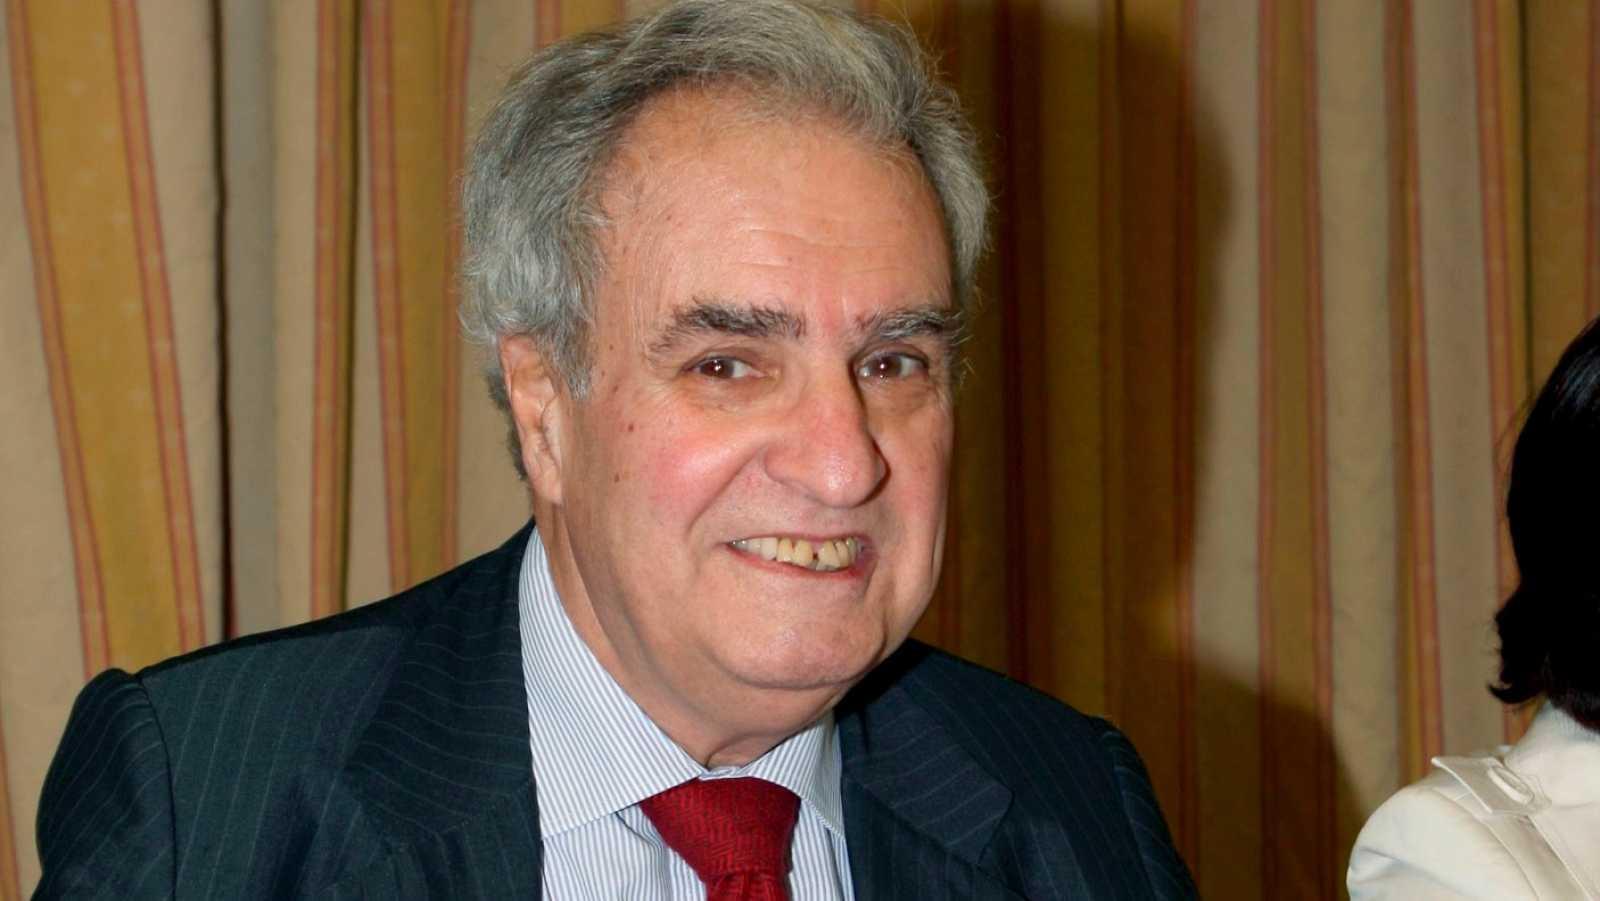 El ex ministro de Justicia y exDefensor del Pueblo, Enrique Múgica, ha fallecido este viernes 11 de noviembre a los 88 años de coronavirus.